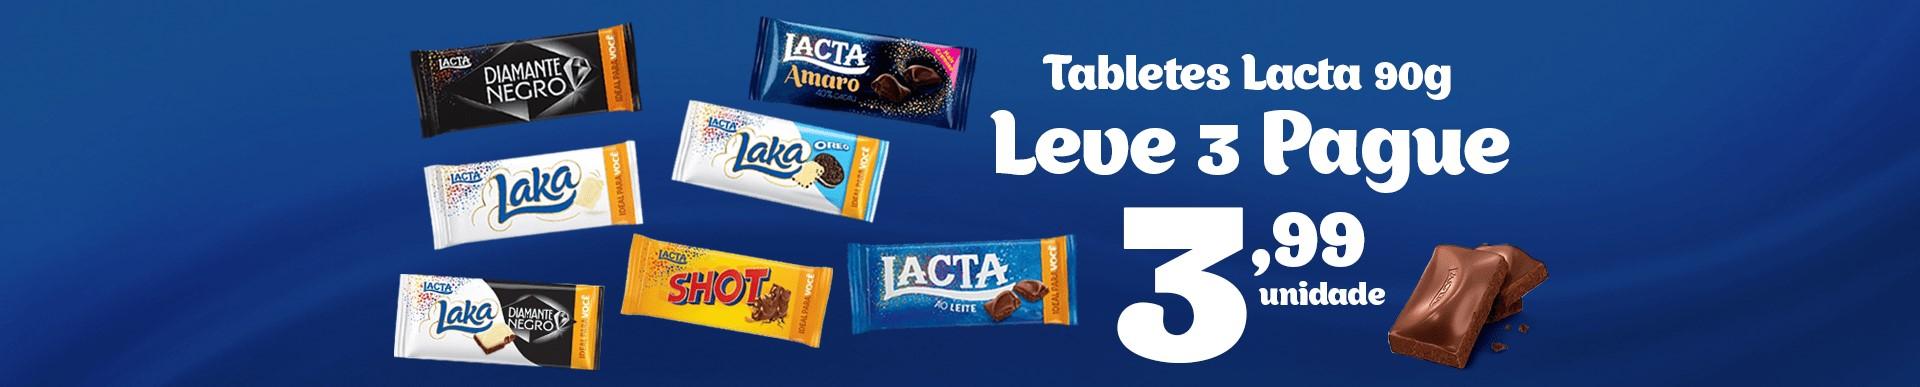 trade-lacta-tabletes